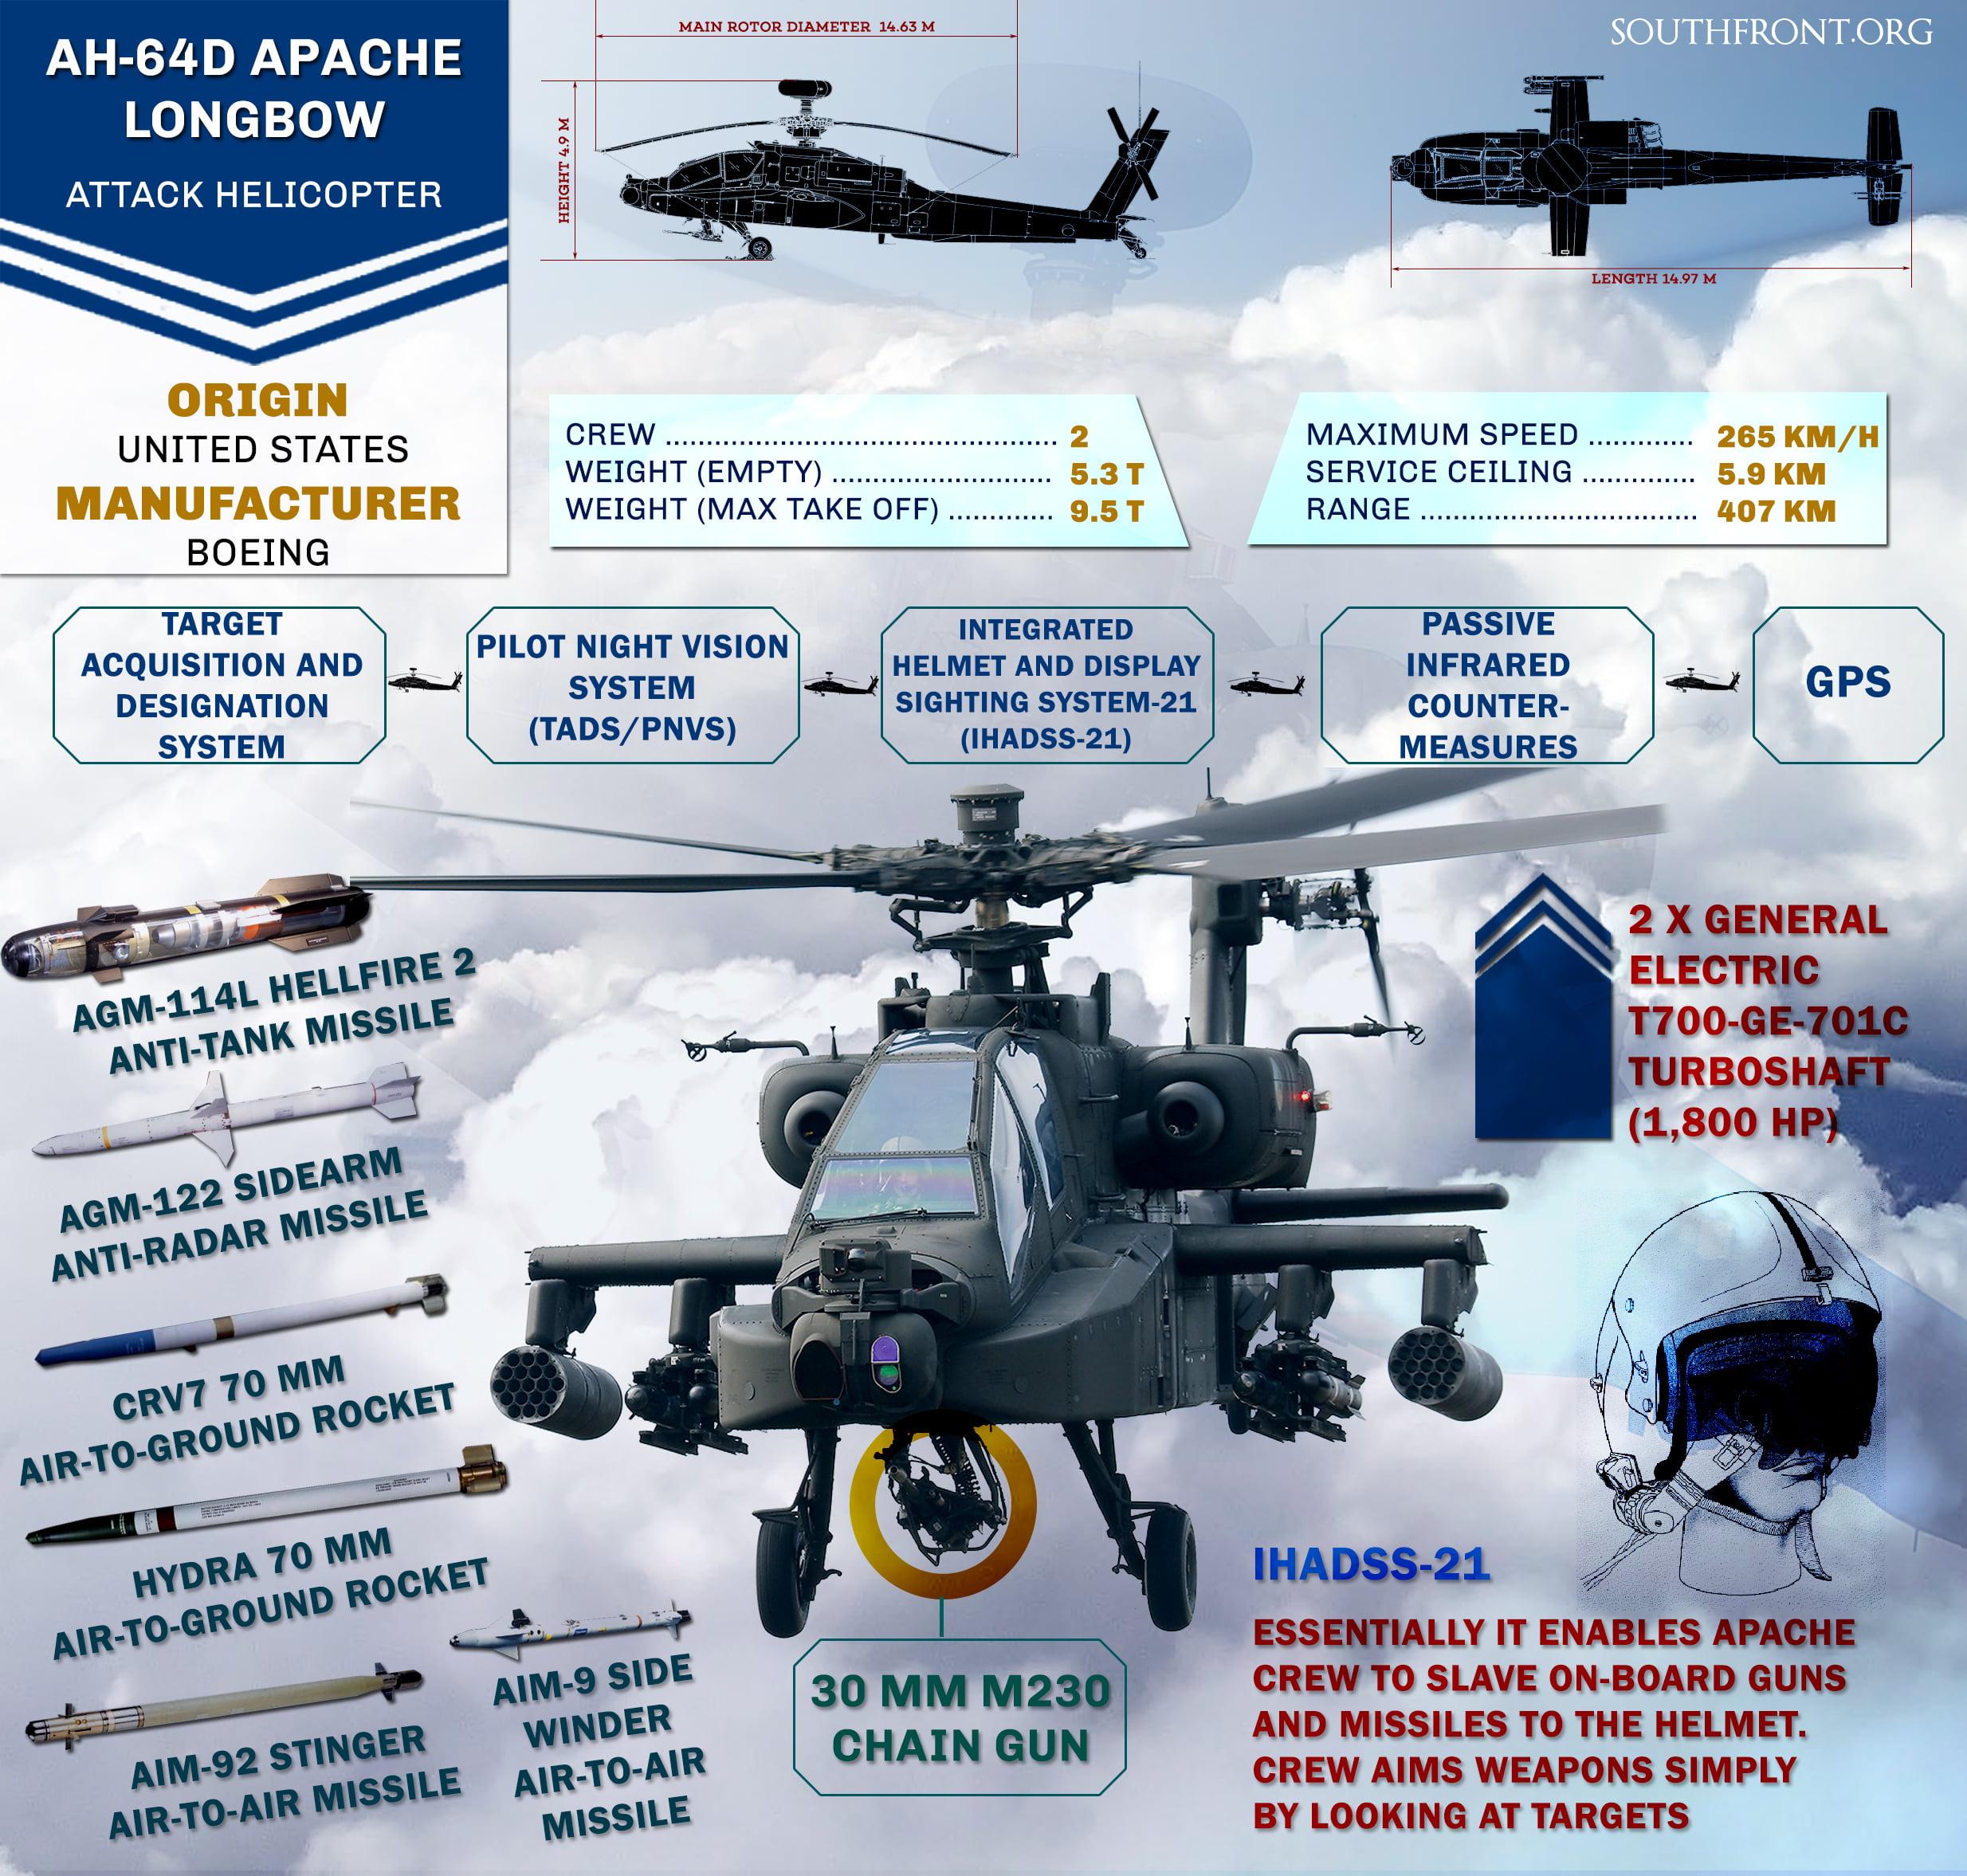 Ελικόπτερο AH-64 Apache του αμερικανικού στρατού κατέπεσε στη ΒΑ Συρία